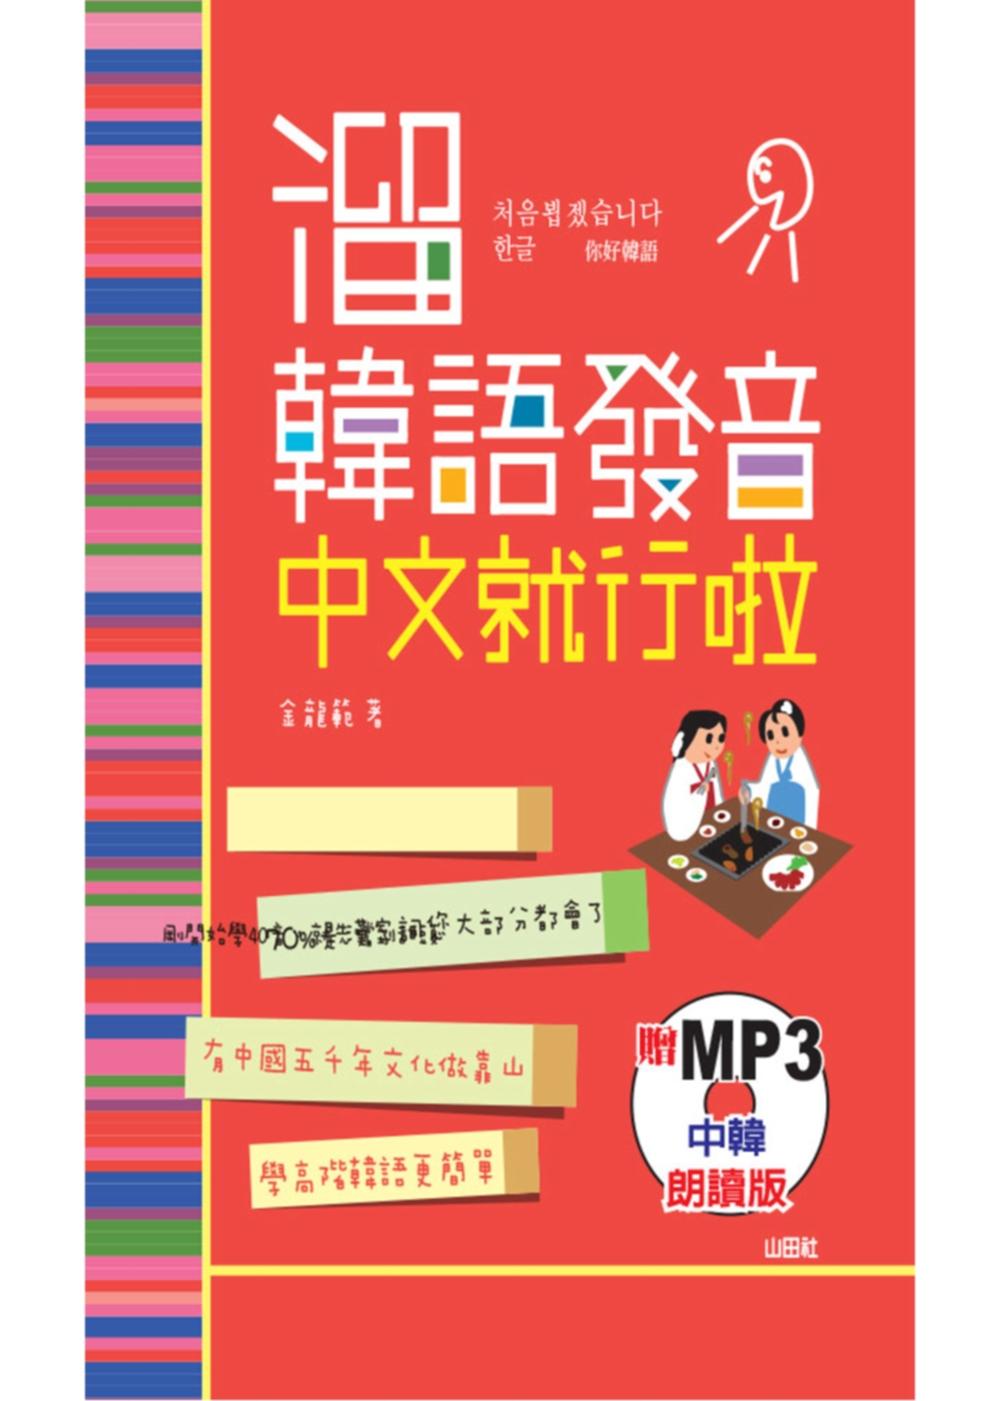 中韓朗讀版 溜韓語發音 中文就行啦(50K+MP3)